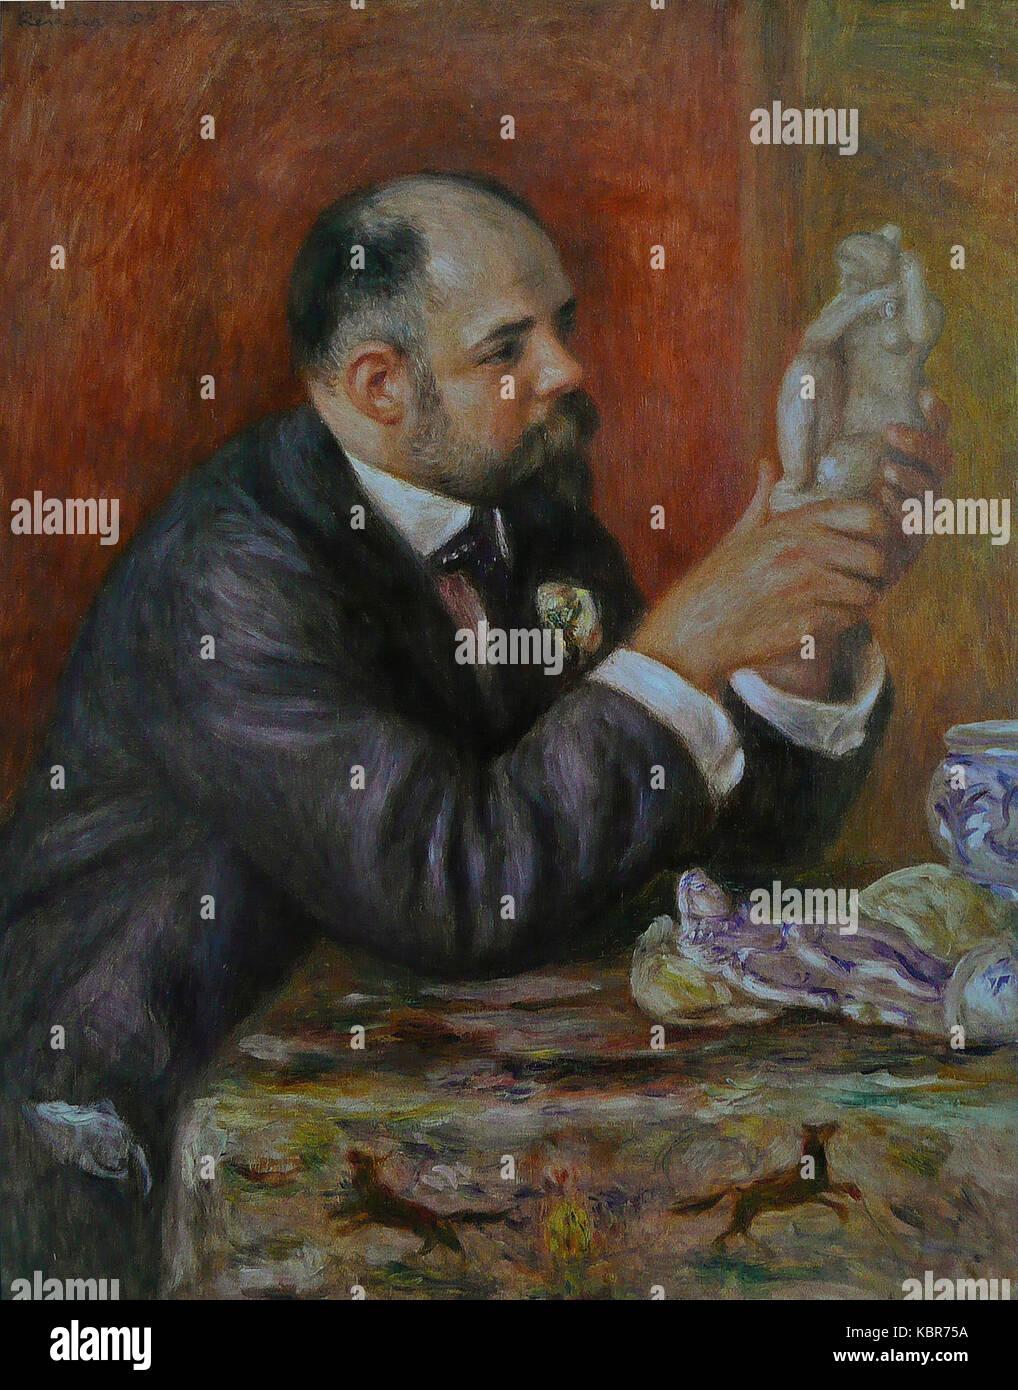 Pierre Auguste Renoir   Ambroise Vollard - Stock Image